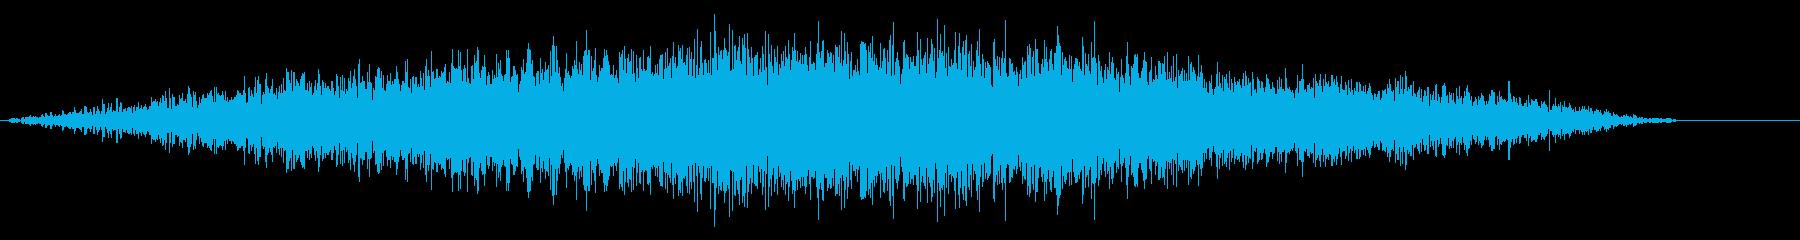 P0ower、Vast Machi...の再生済みの波形